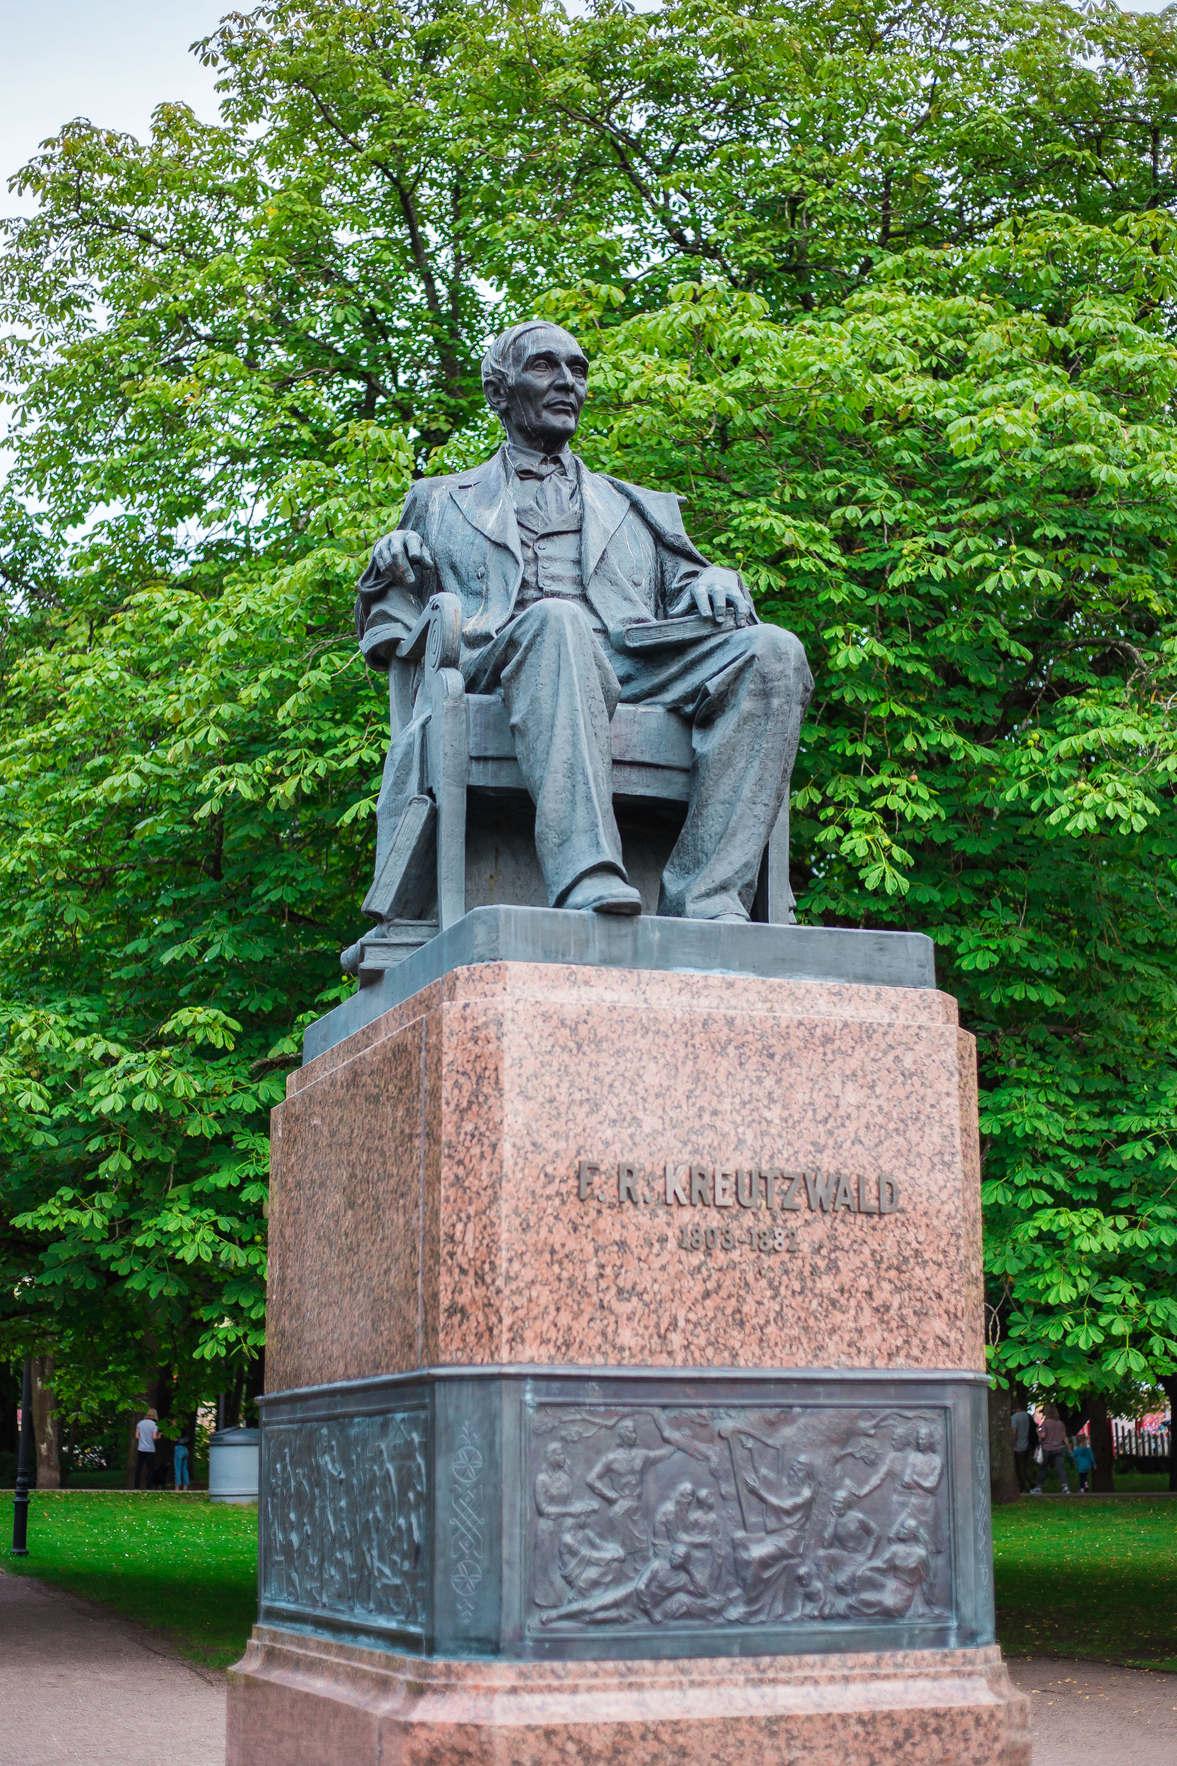 Фри́дрих Ре́йнгольд Кре́йцвальд — эстонский поэт, писатель, фольклорист, просветитель, врач и общественный деятель, зачинатель эстонской литературы.